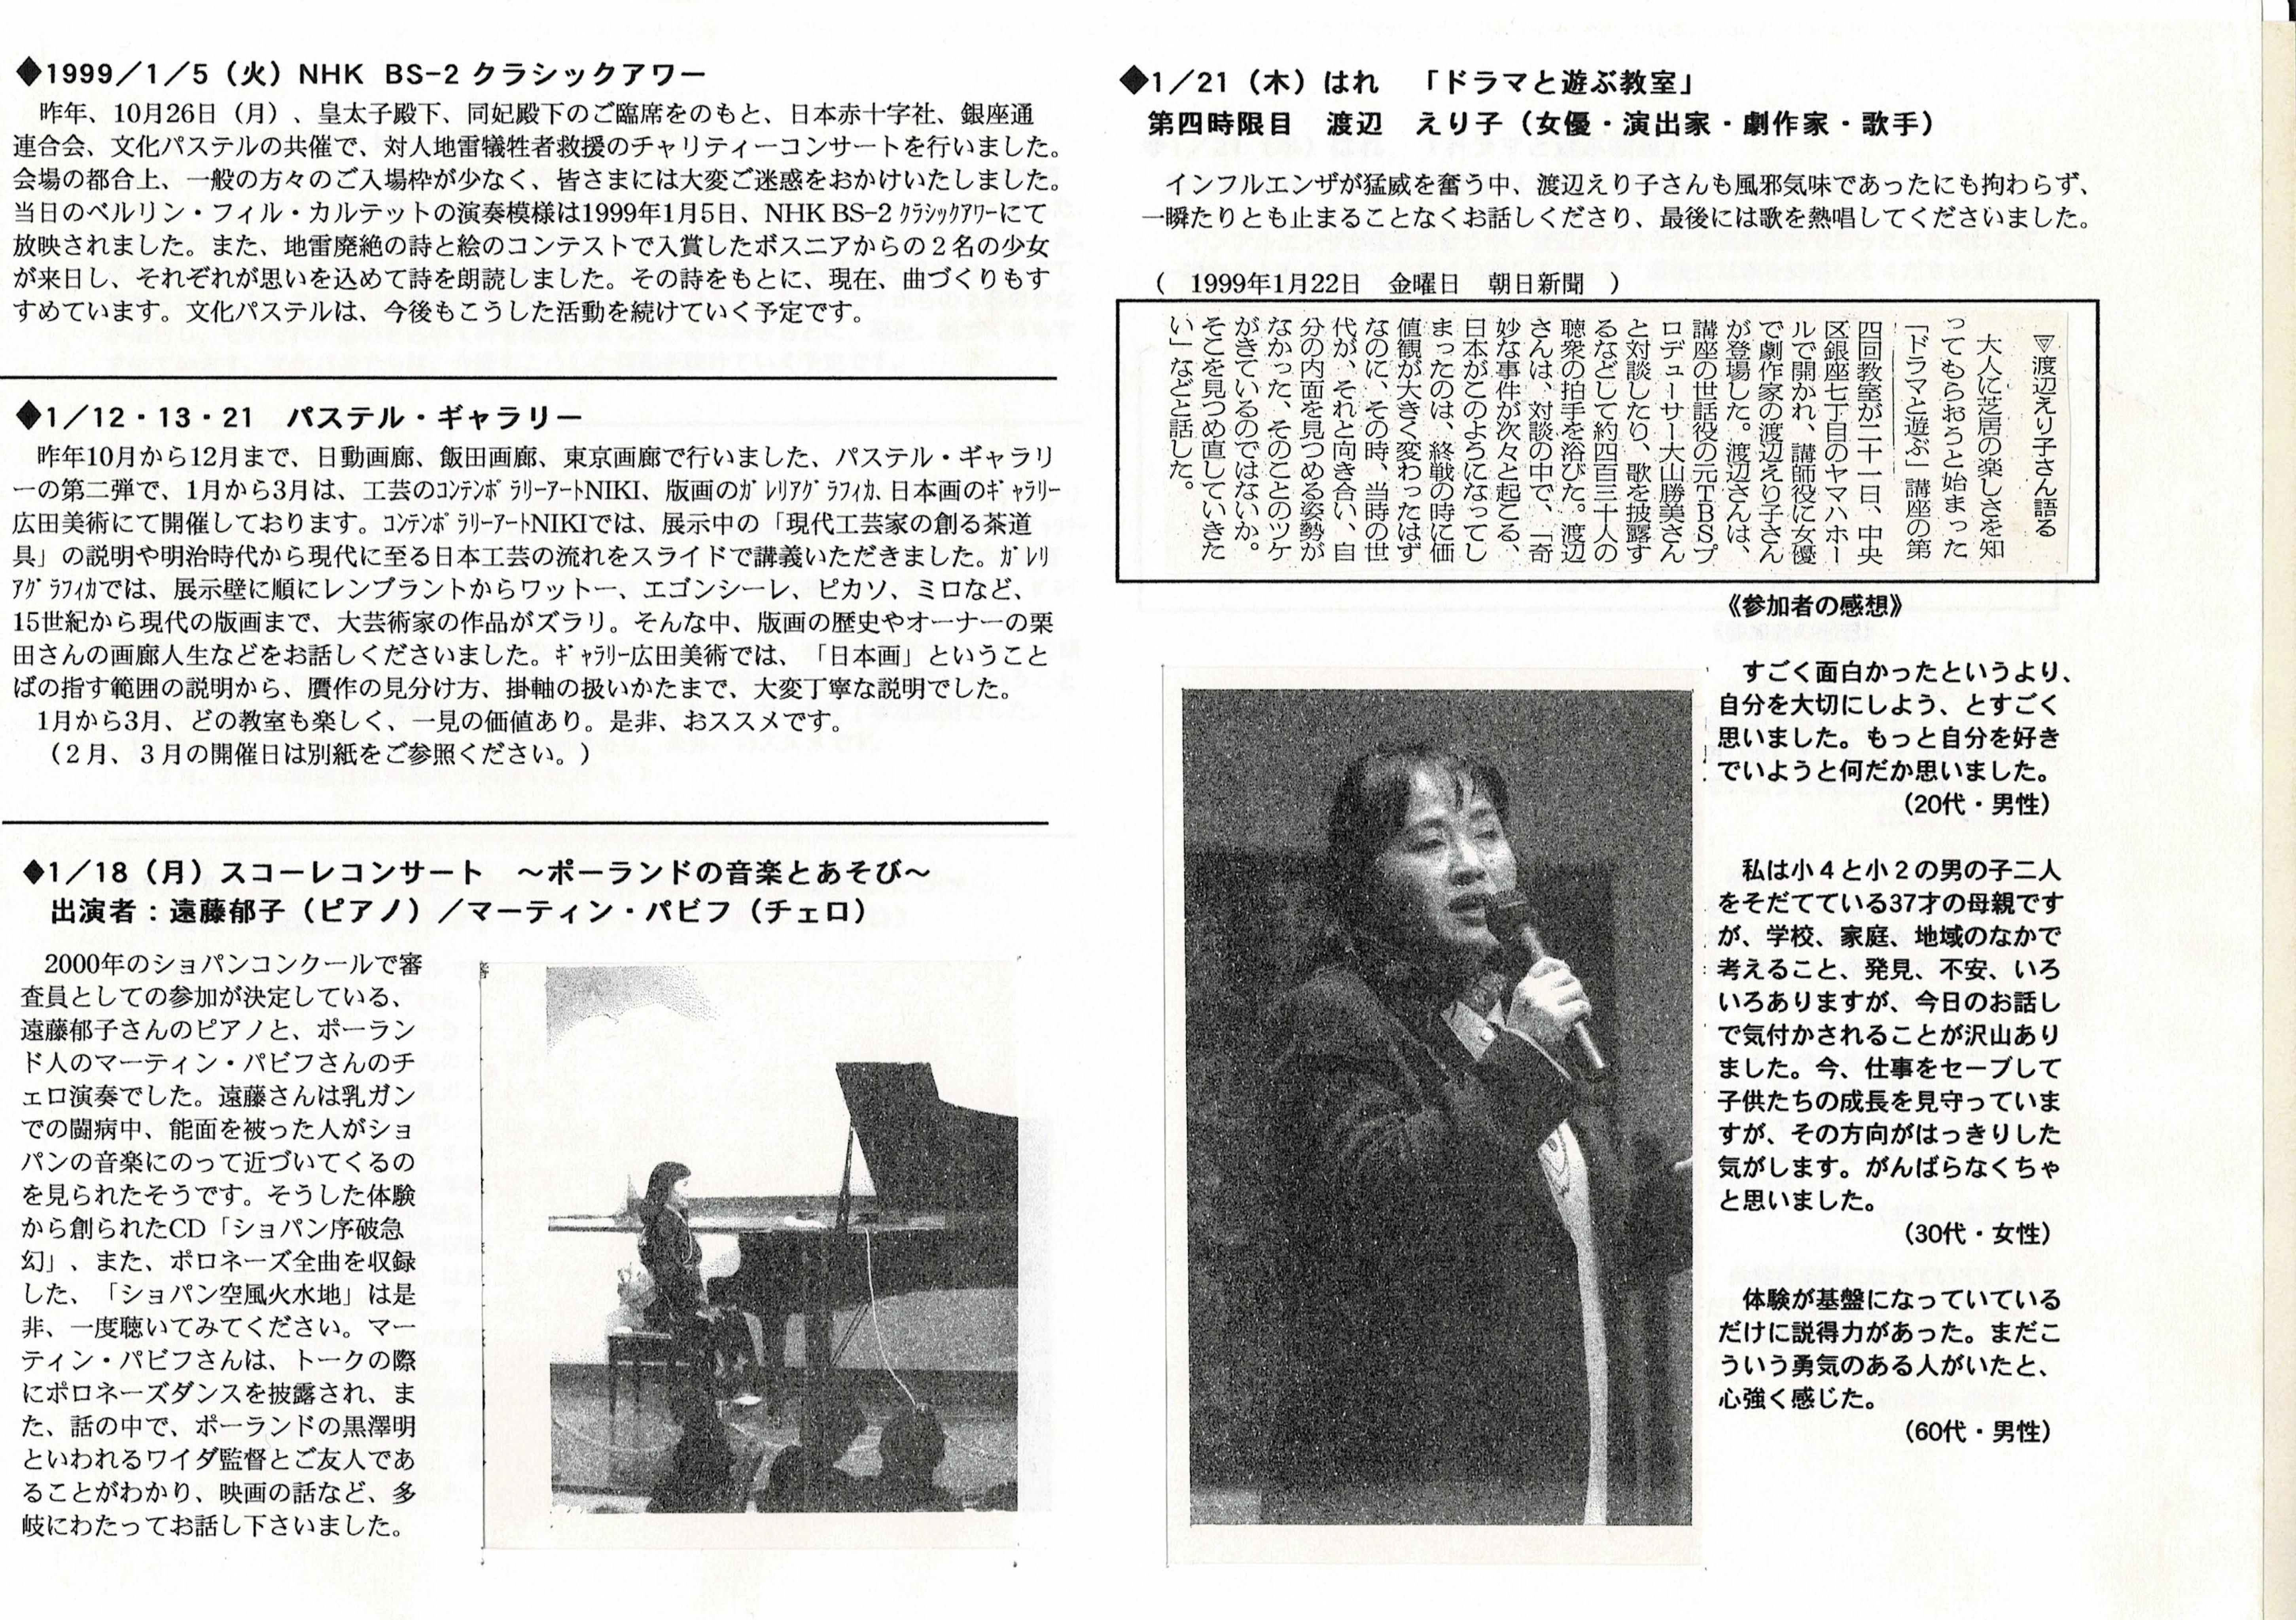 赤十字チャリティコンサート1998_NHK放映_スコーレ通信No.8_2